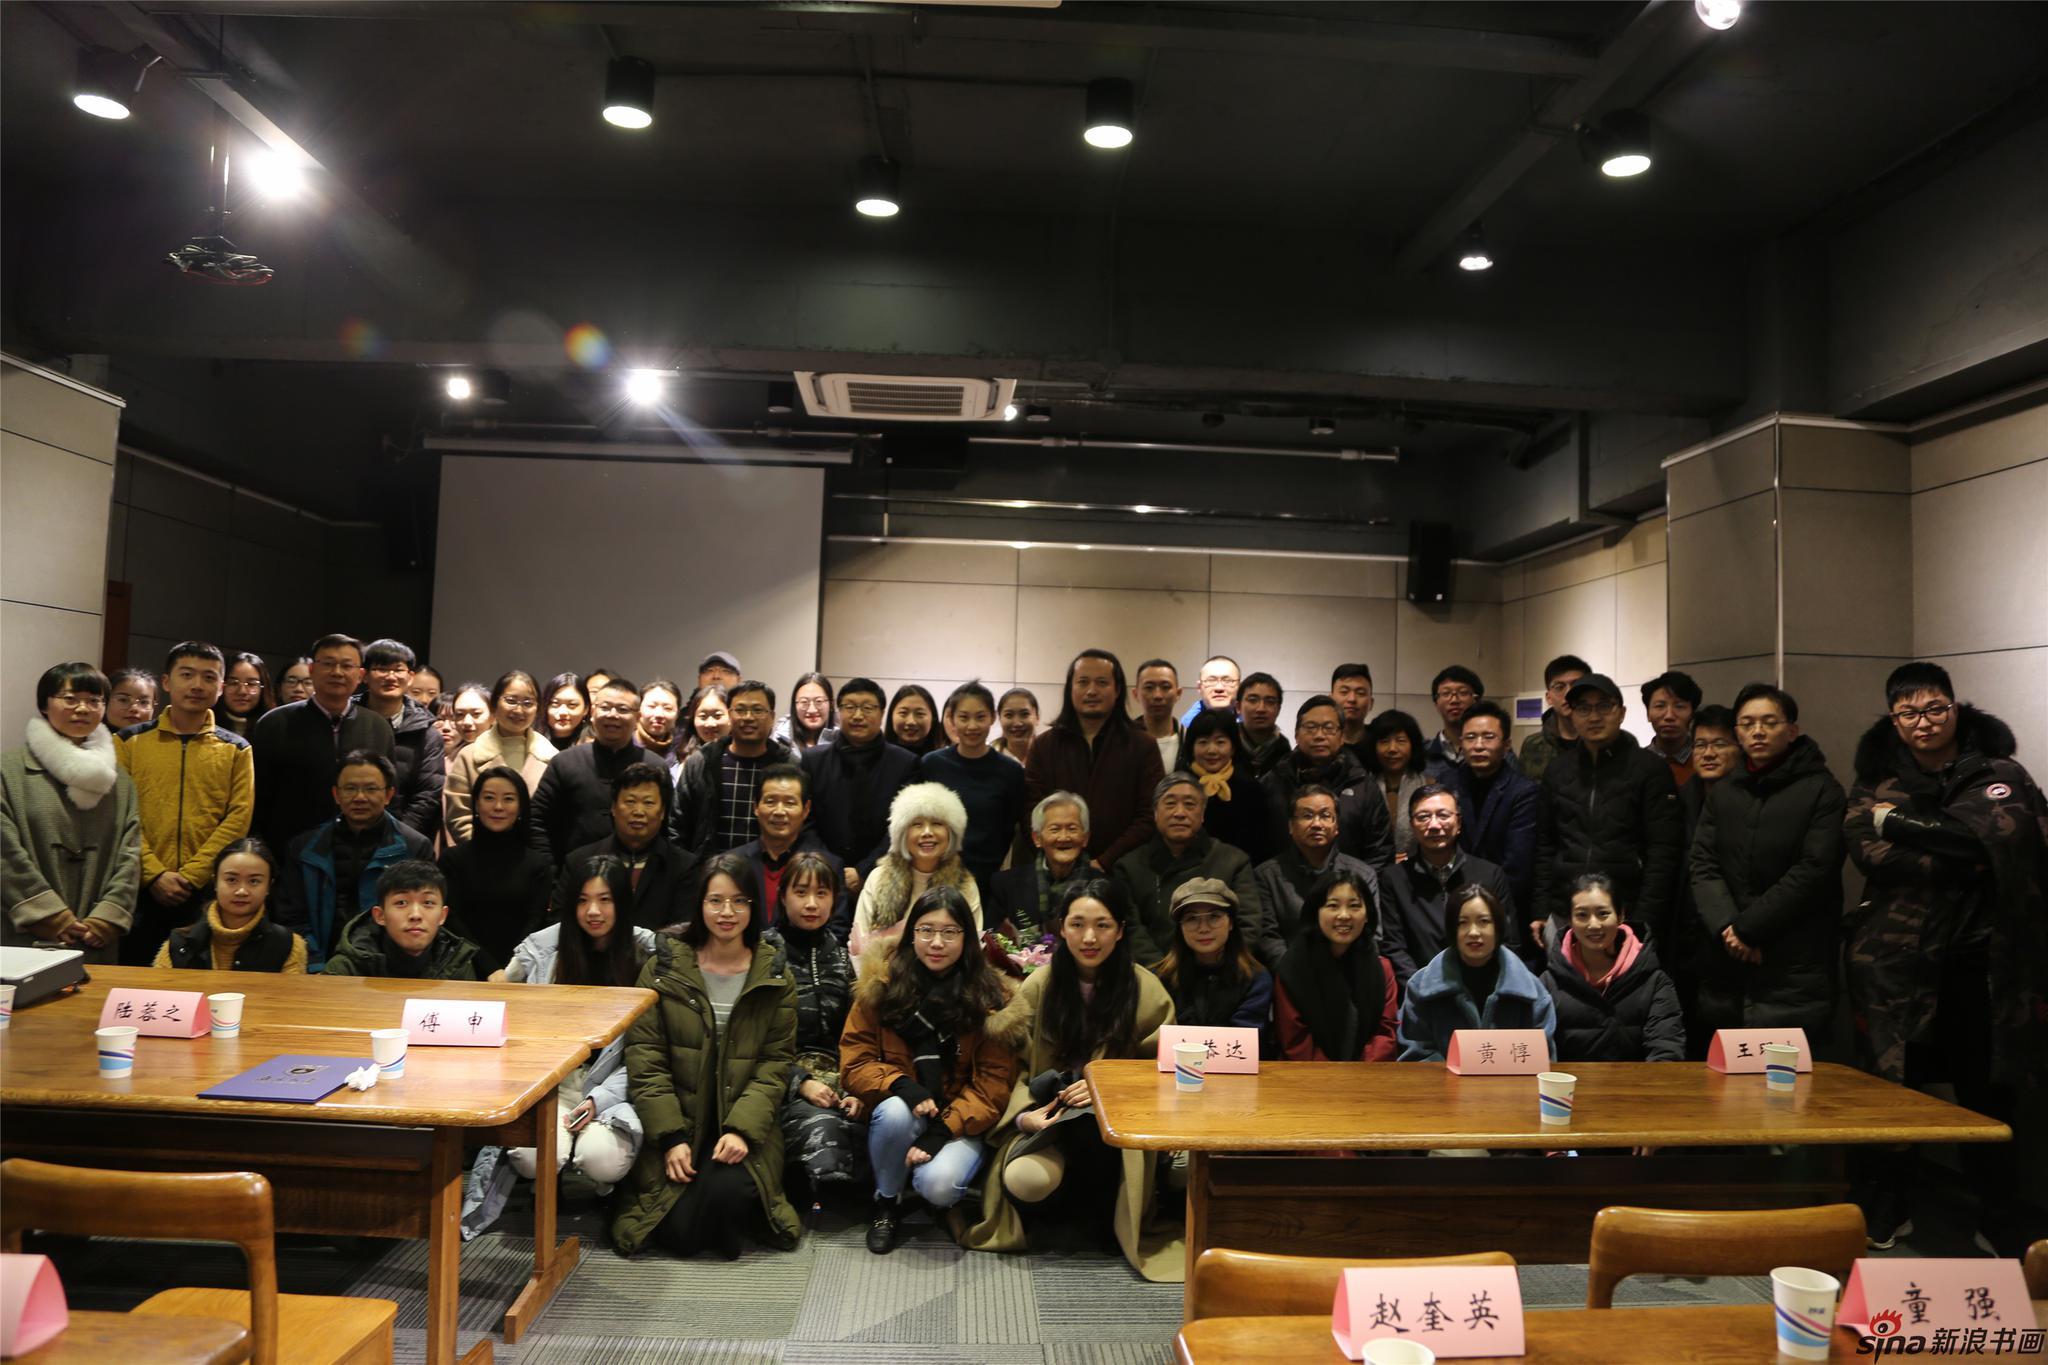 南京大学艺术学院授予傅申先生为名誉教授